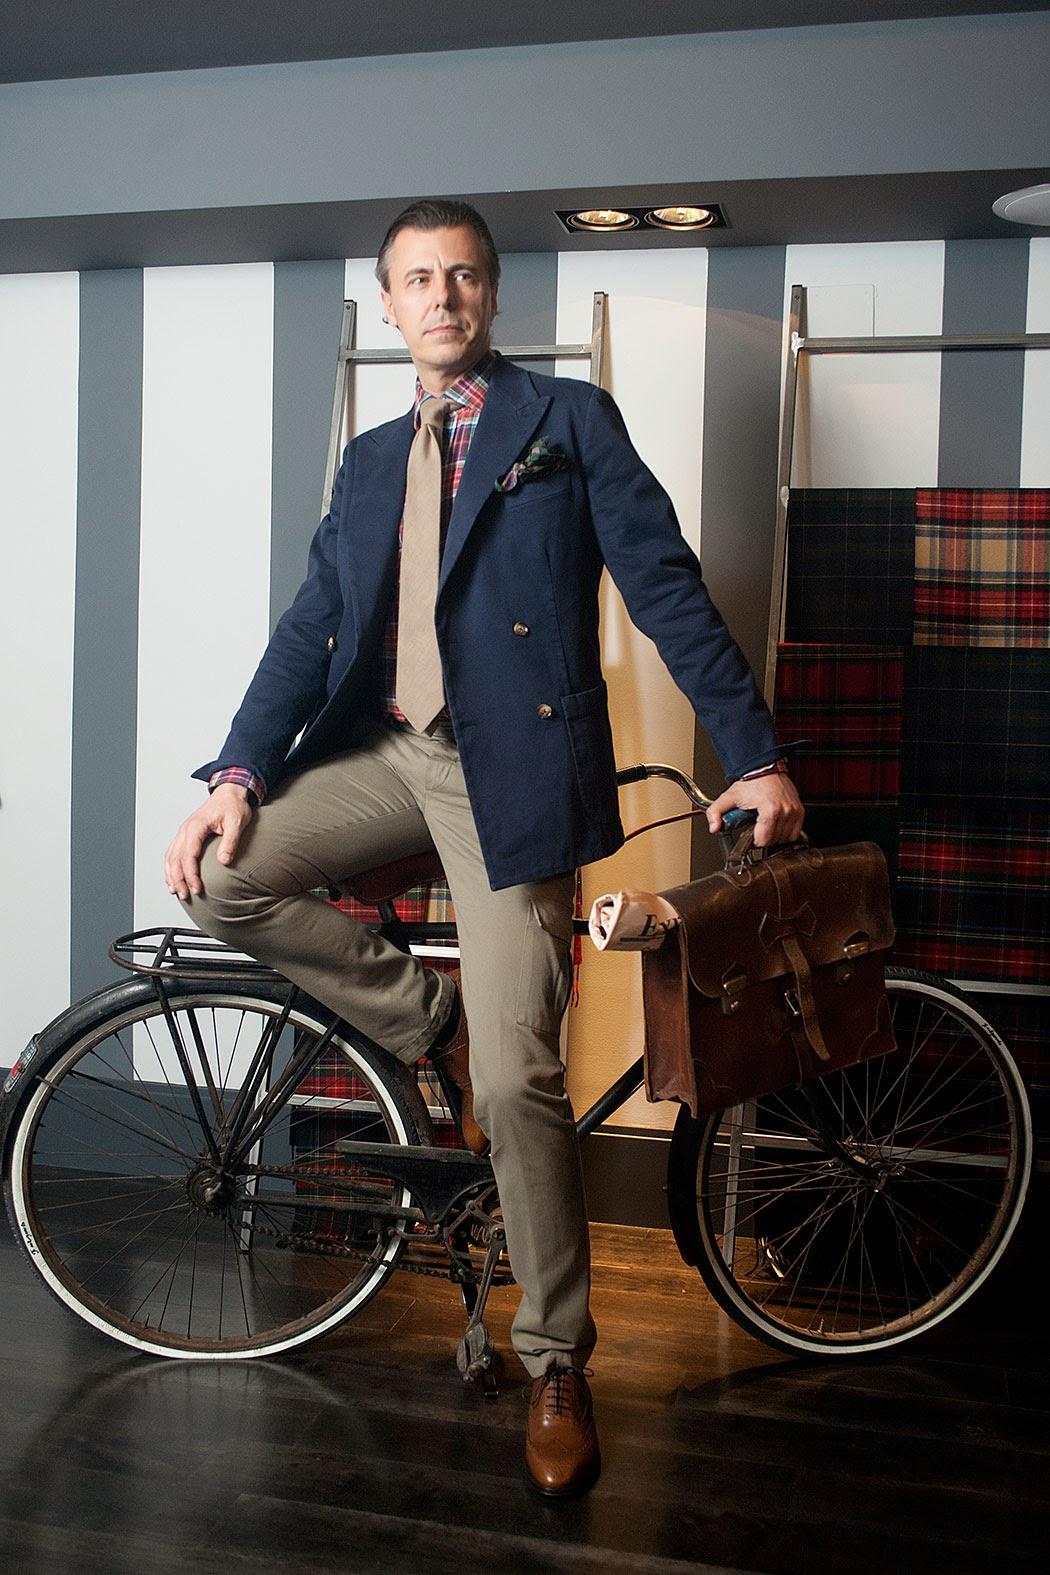 imagenes de camisas elegantes para hombres - David Navarro El Experto en Imagen